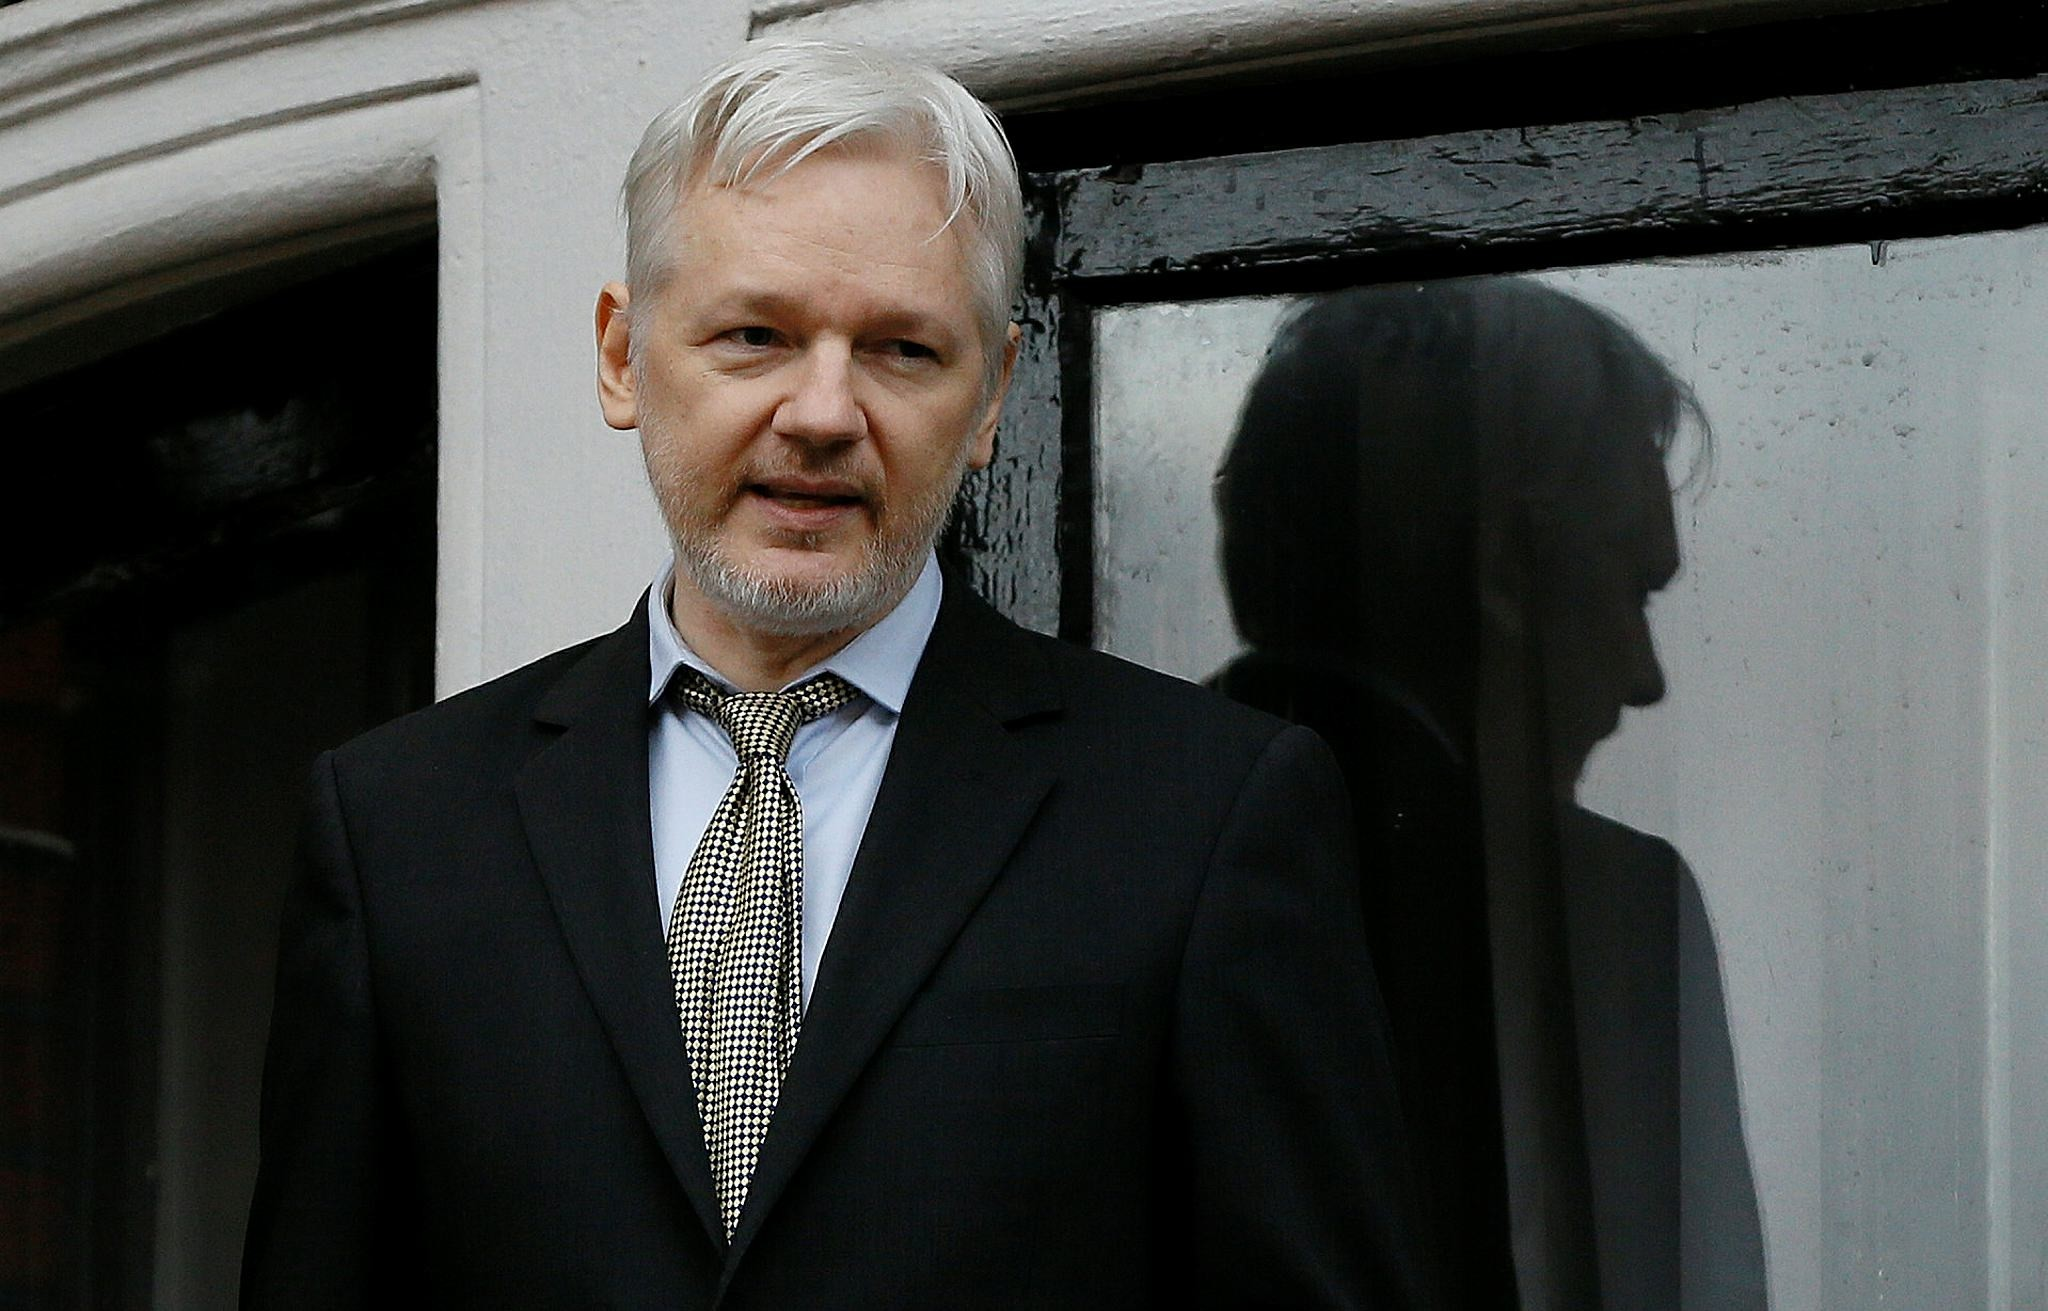 WikiLeaks founder Julian Assange speaks from the balcony of the Ecuadorean Embassy in London. (AP Photo)